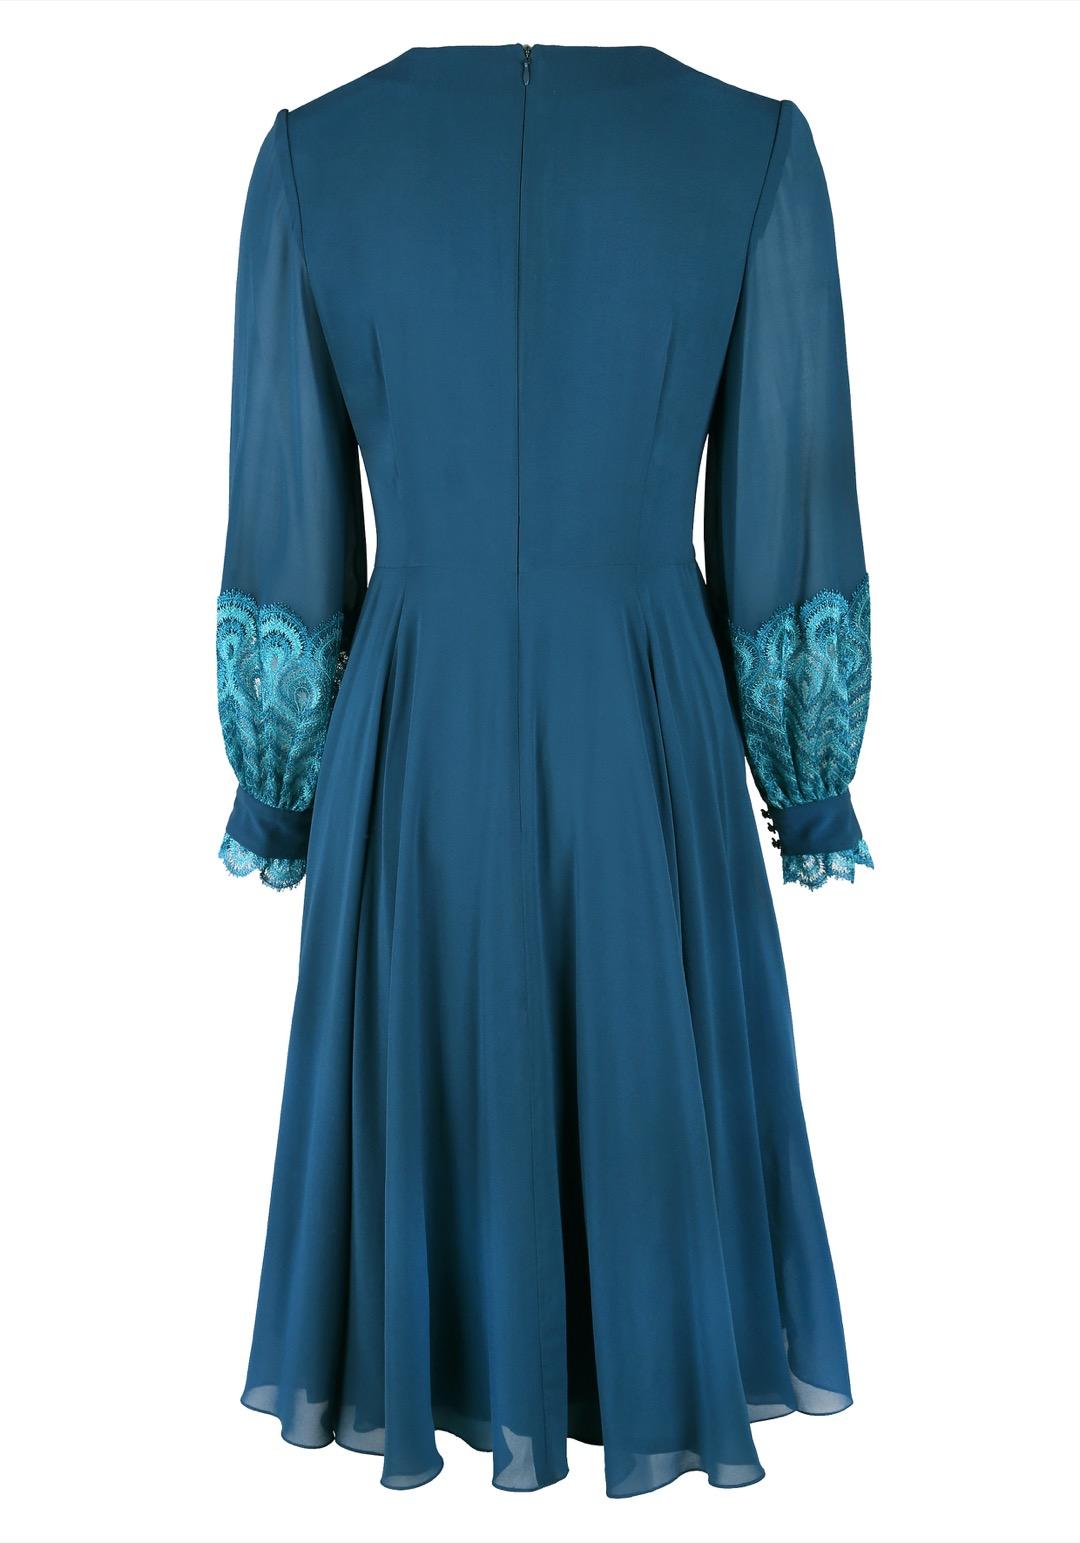 Бирюзовое приталенное платье с декоративным кружевом на рукавах